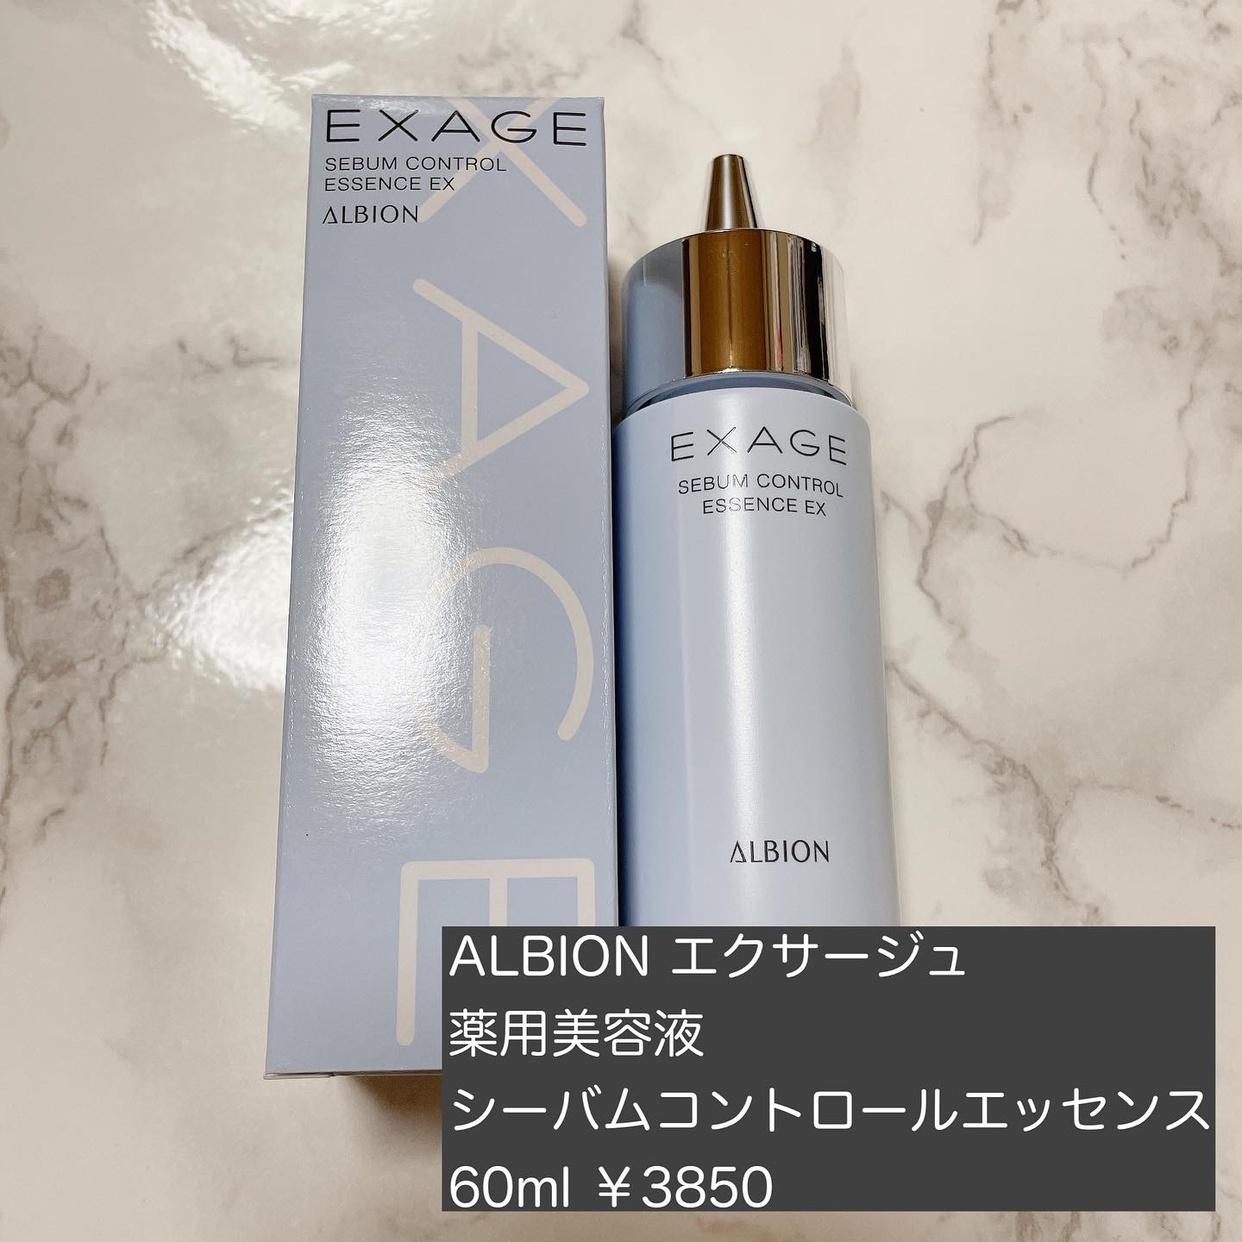 ALBION(アルビオン) エクサージュ シーバム コントロール エッセンス EXを使ったここあさんのクチコミ画像2